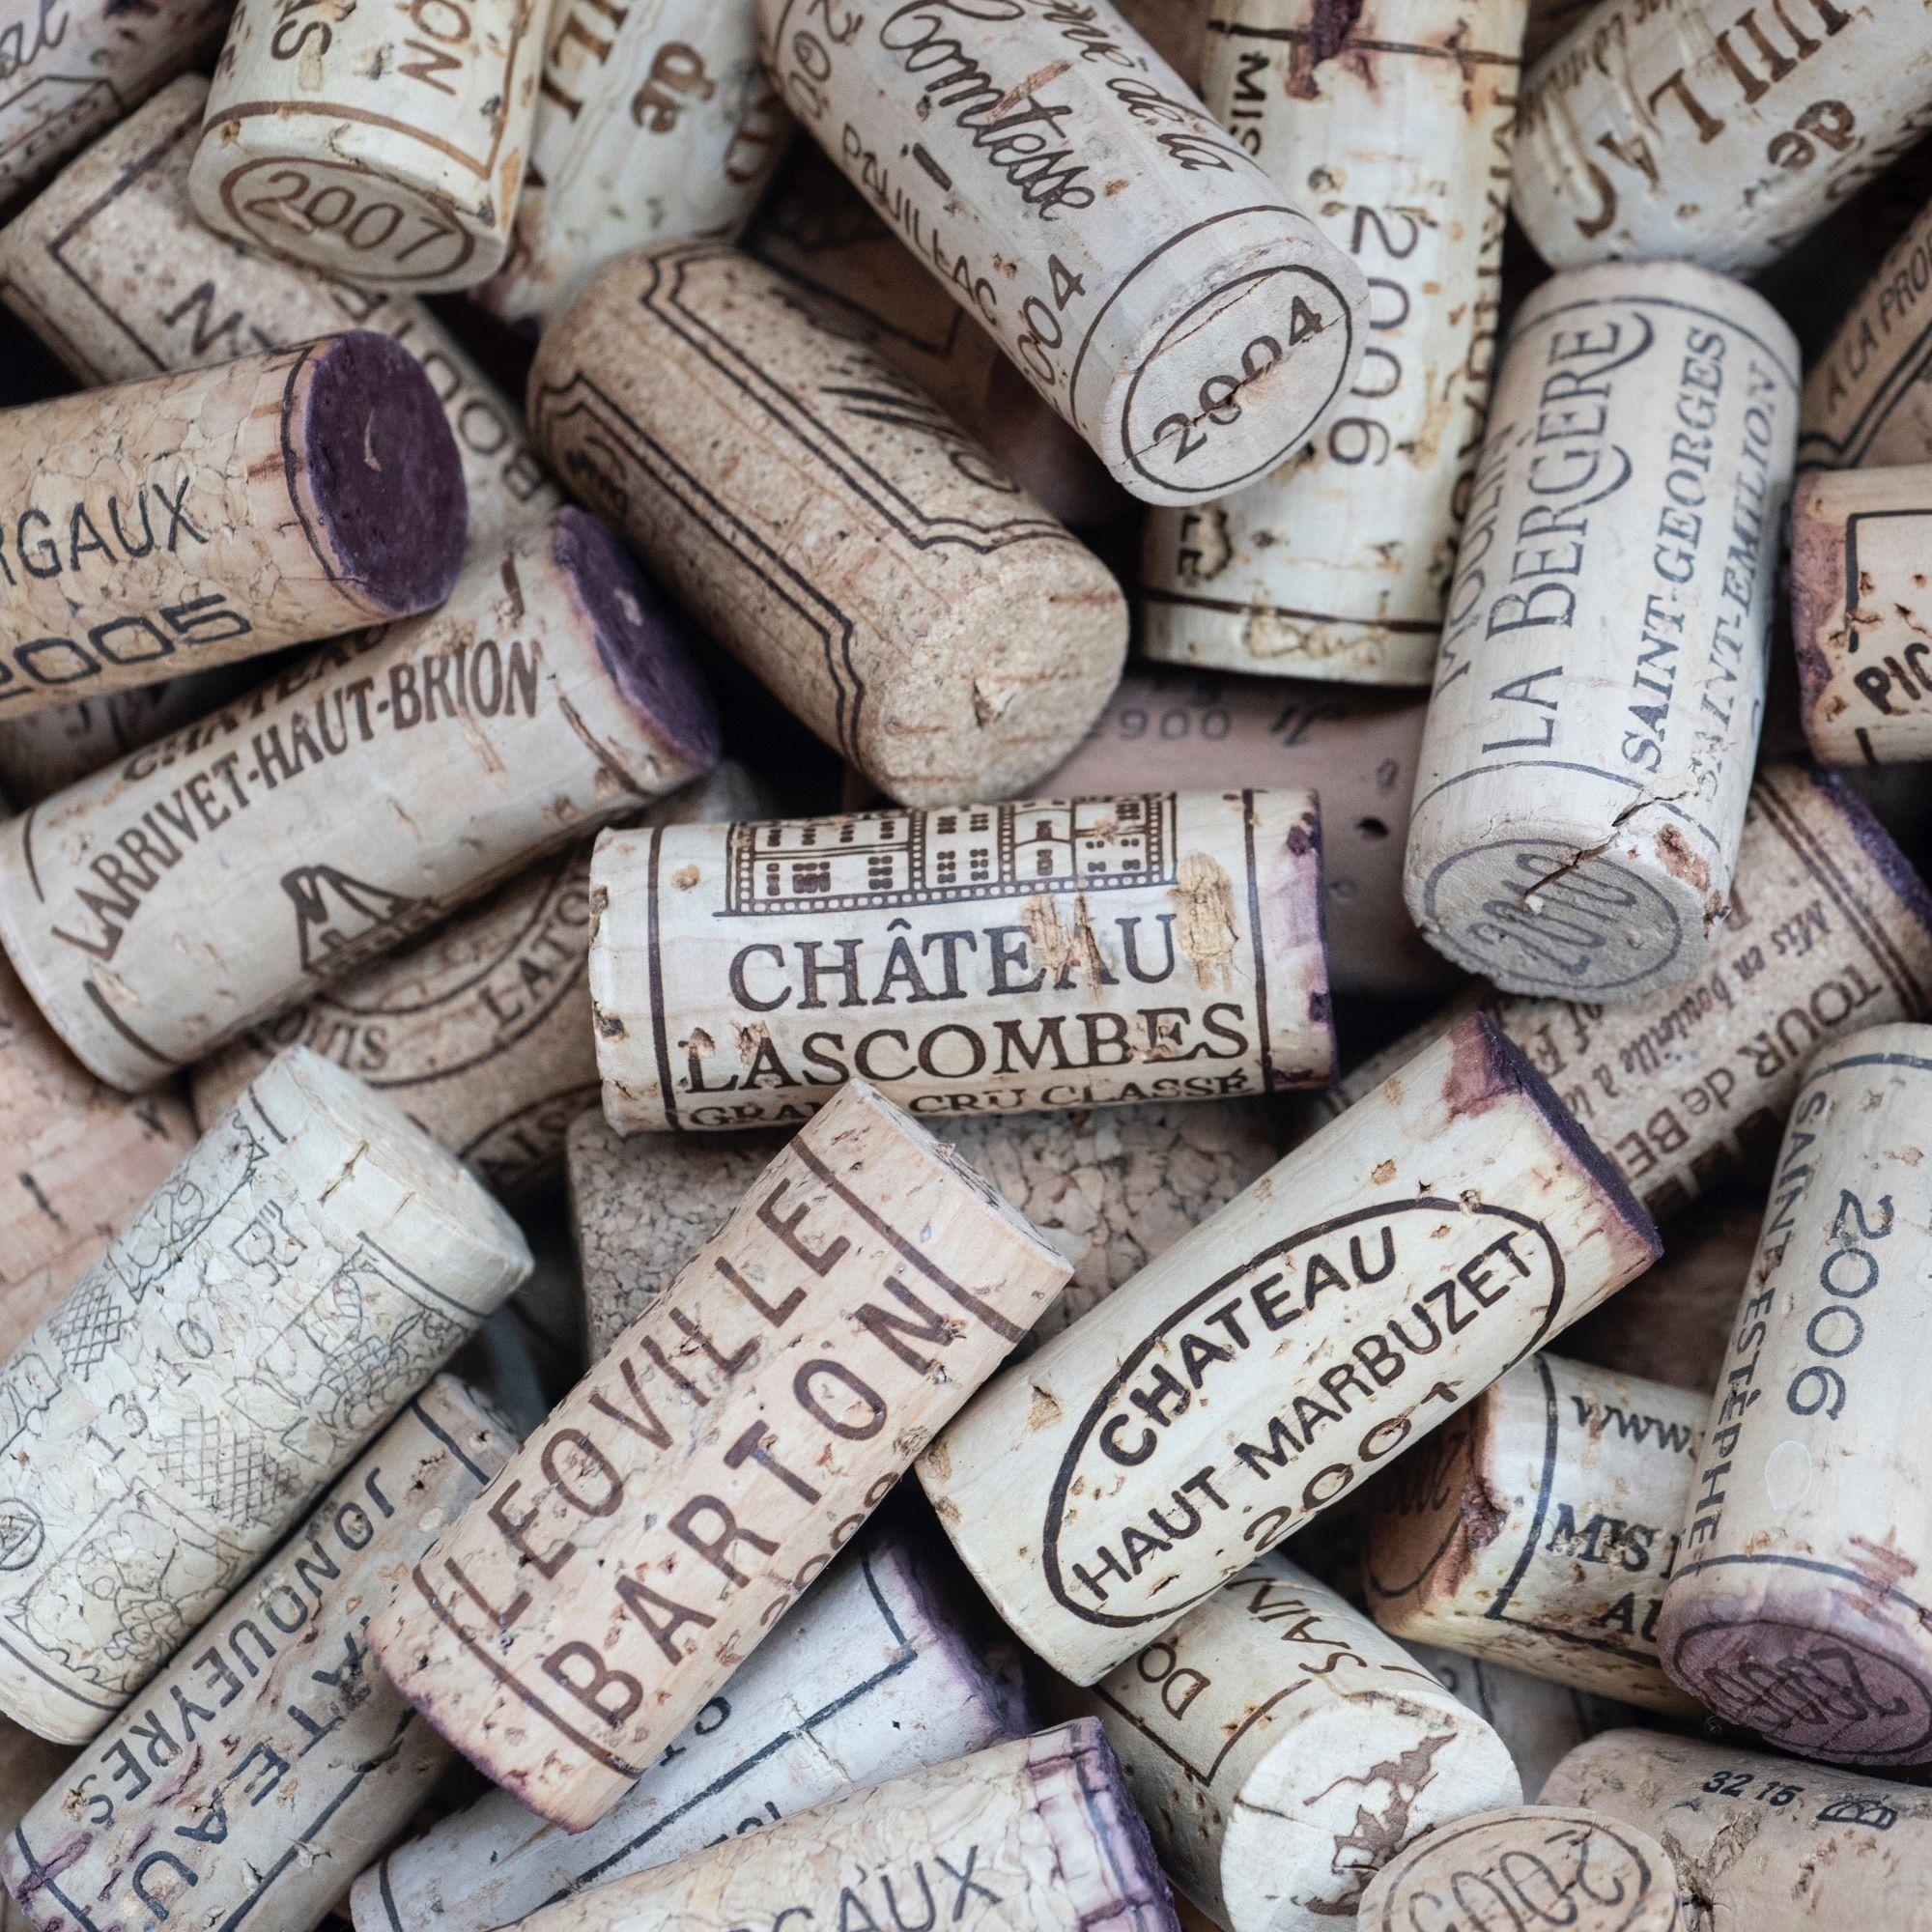 Wine corks, Photo © Elisha Terada